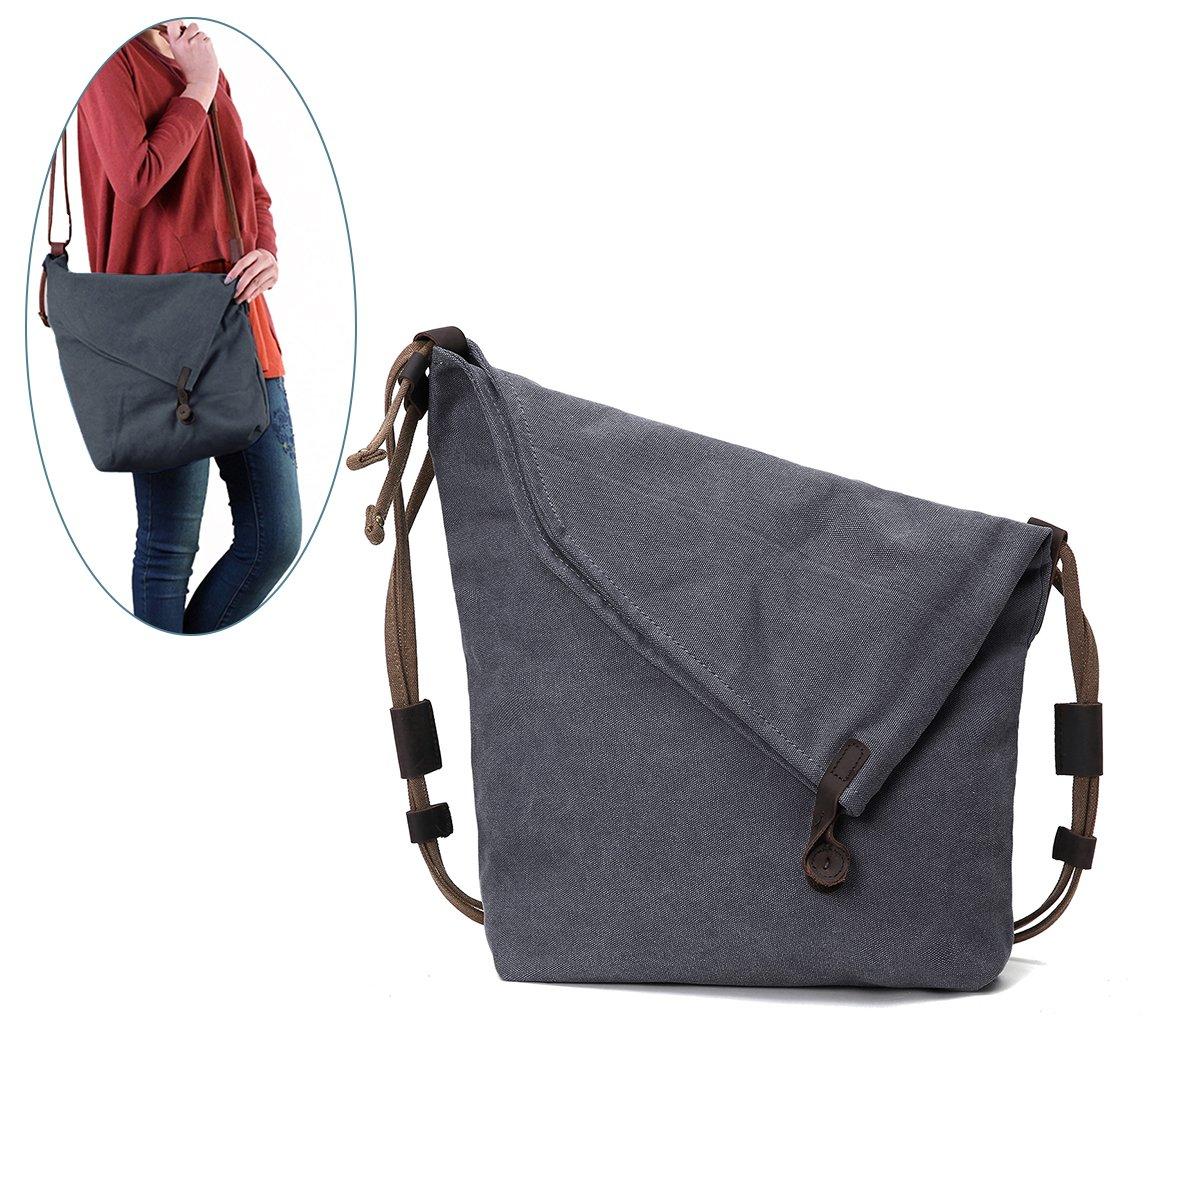 8095a2da17 Amazon.com  Retro Canvas Bag